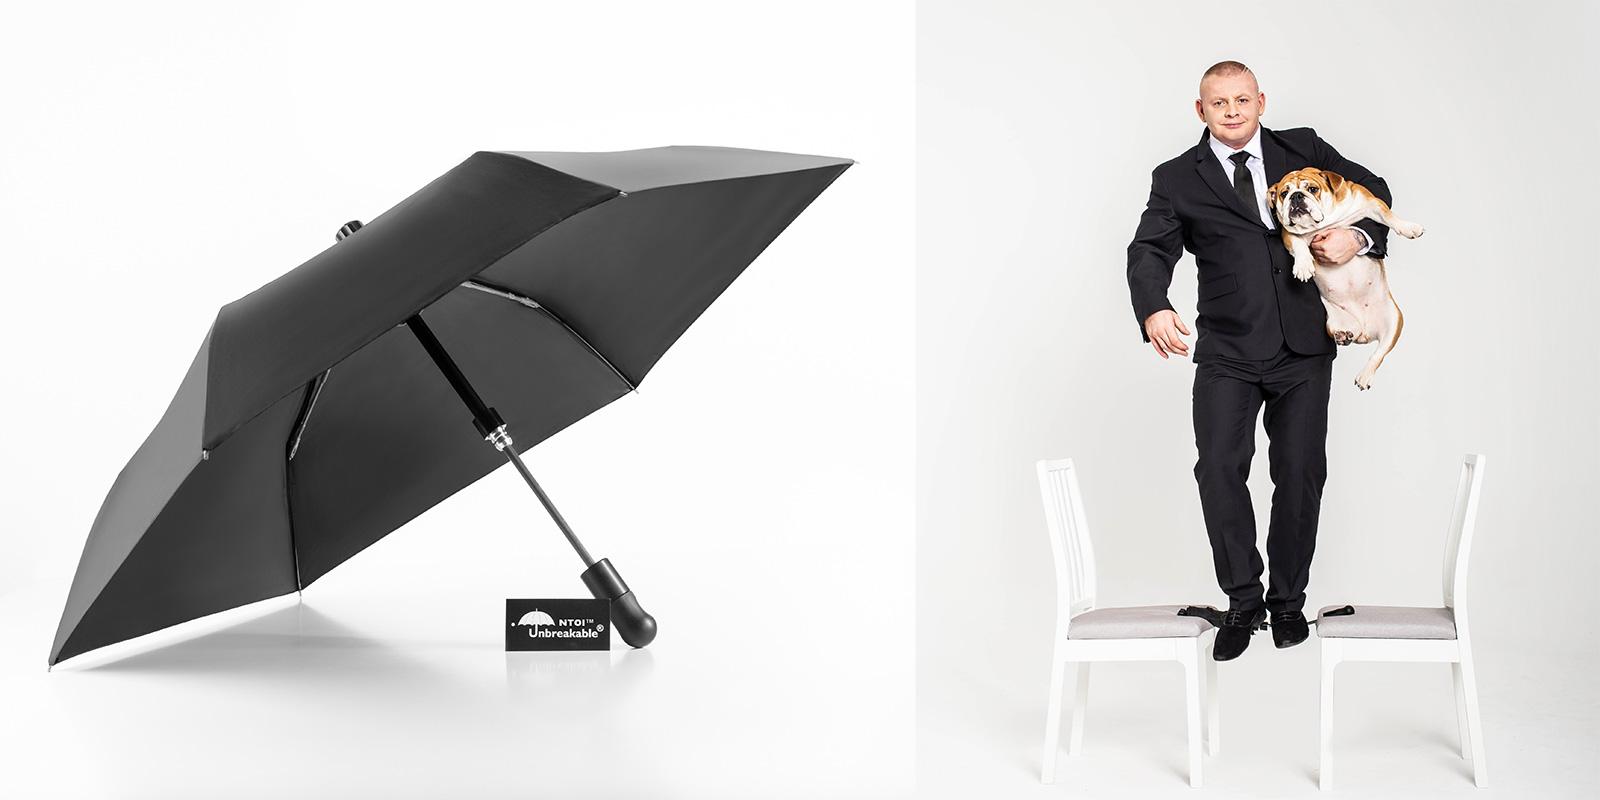 Tip for Unbreakable Umbrella